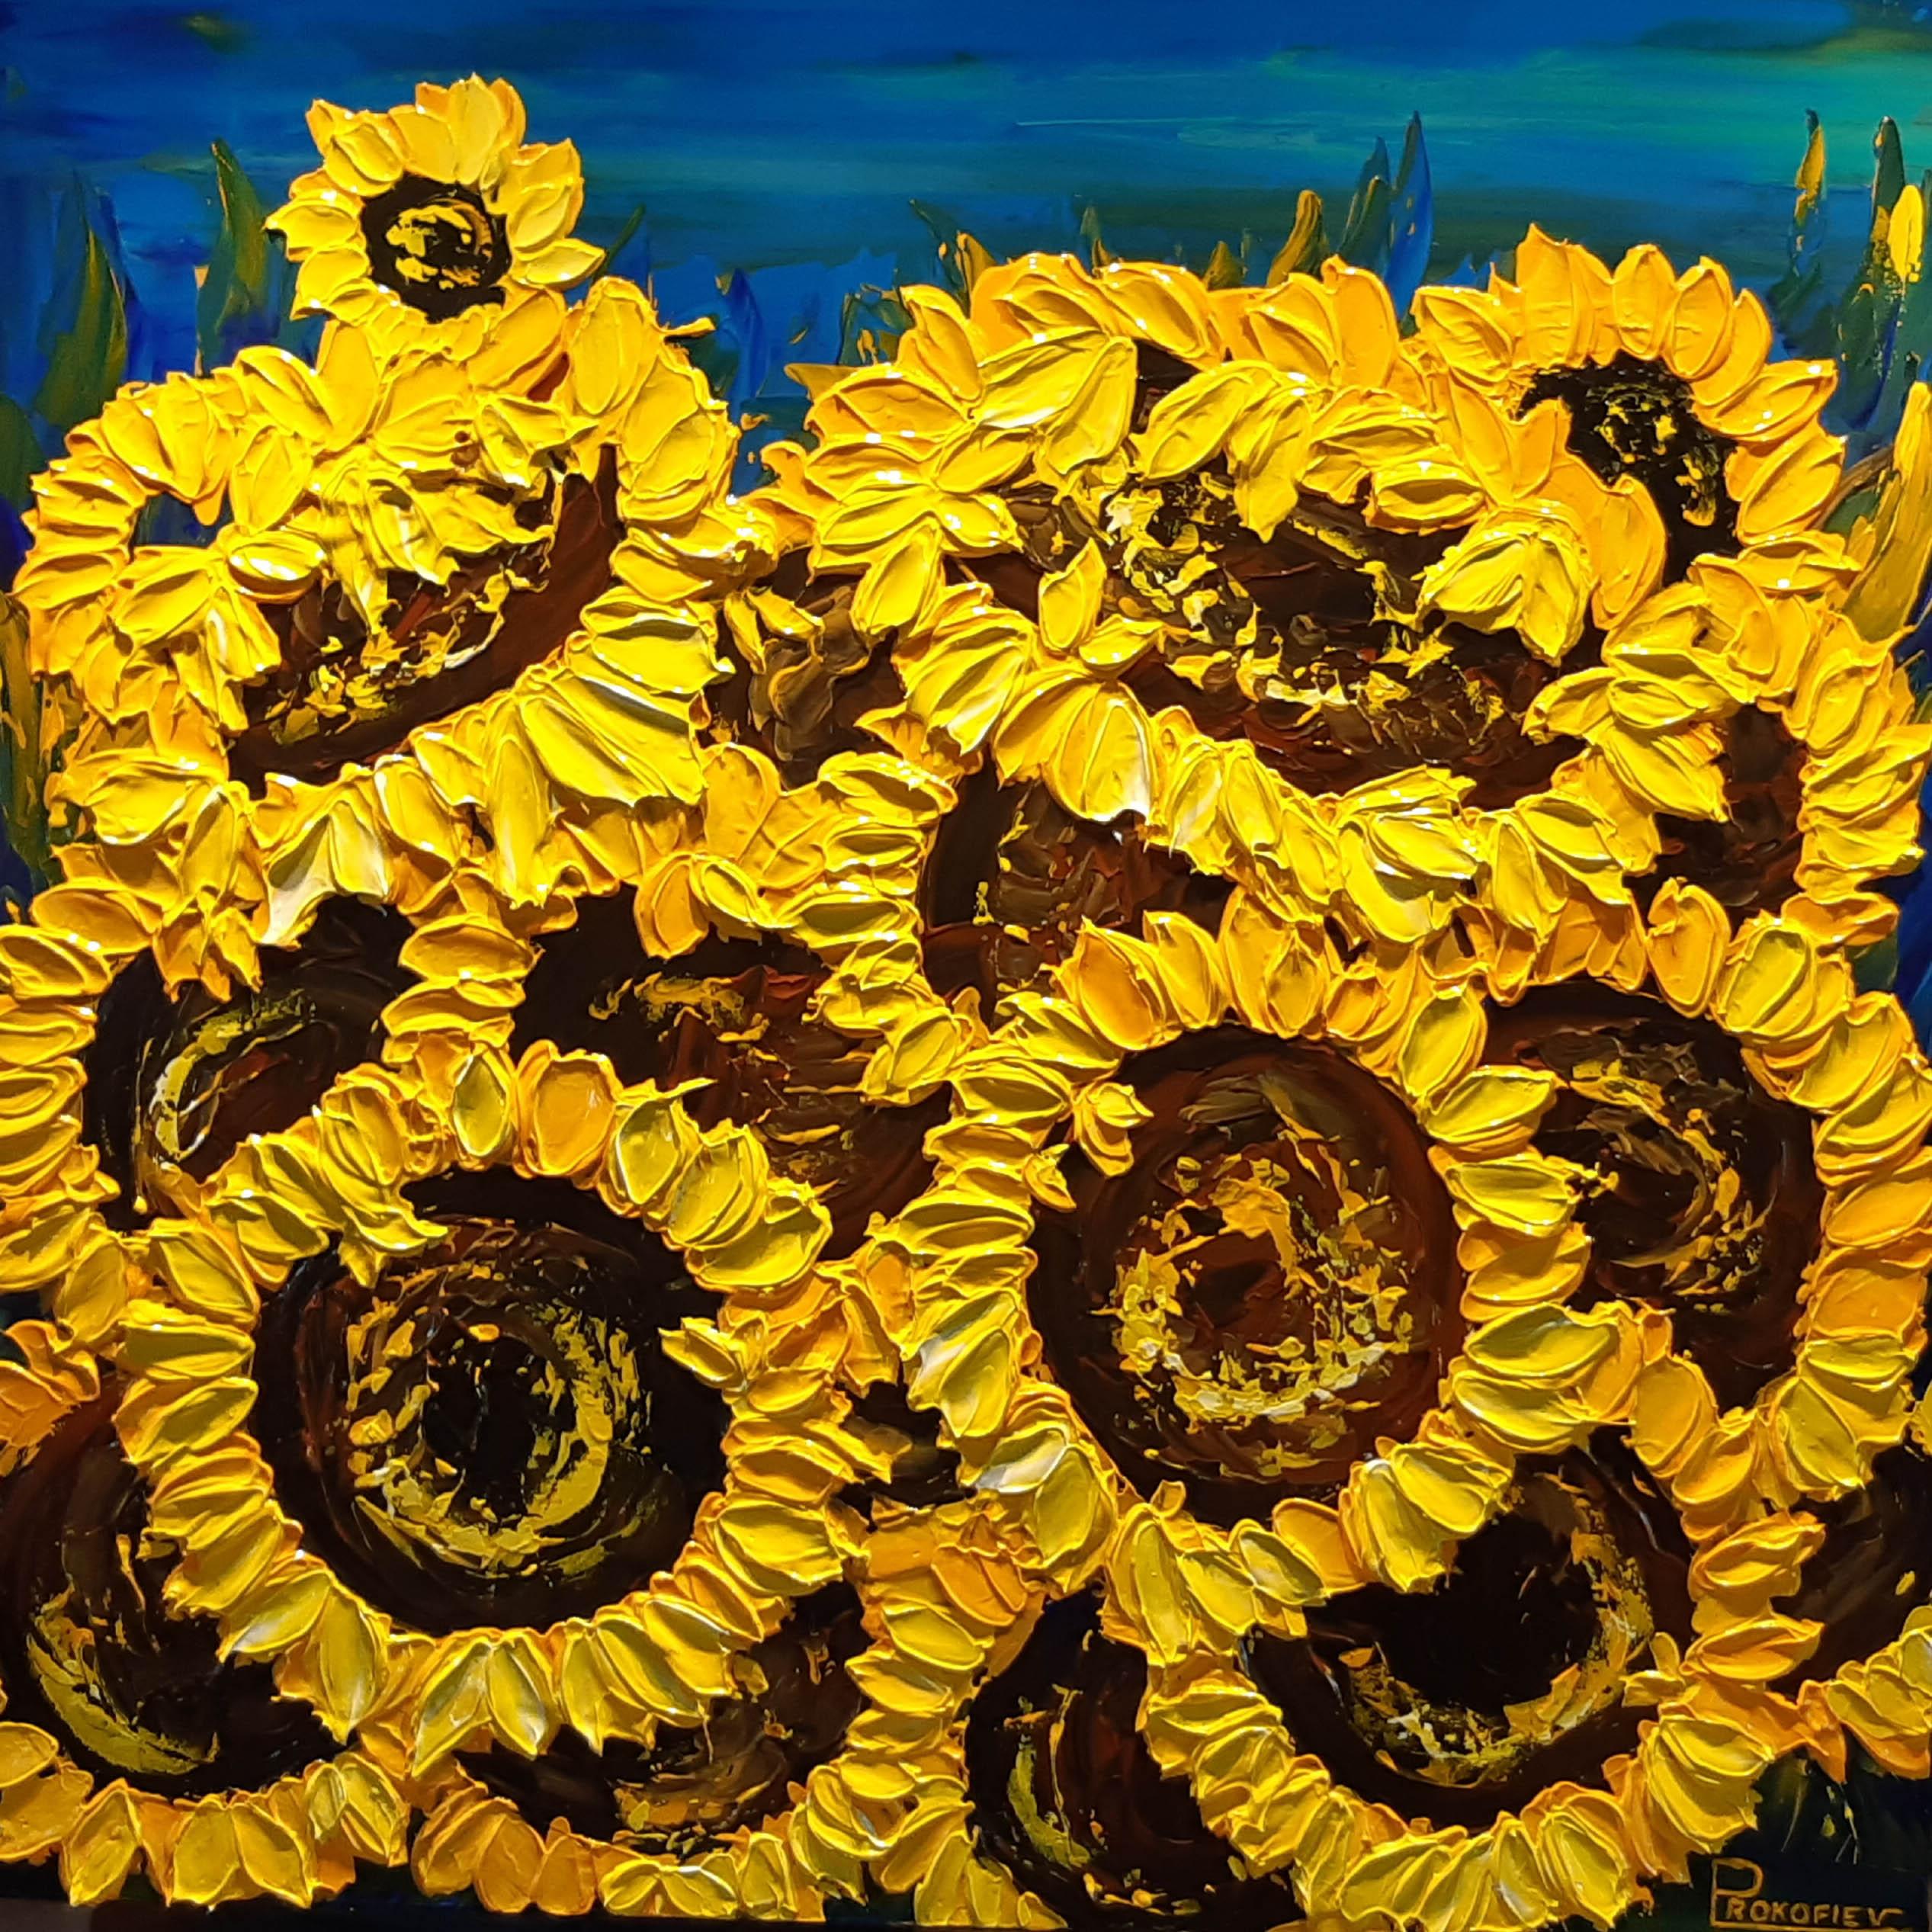 Sunburst by  Everist Prokofiev - Masterpiece Online